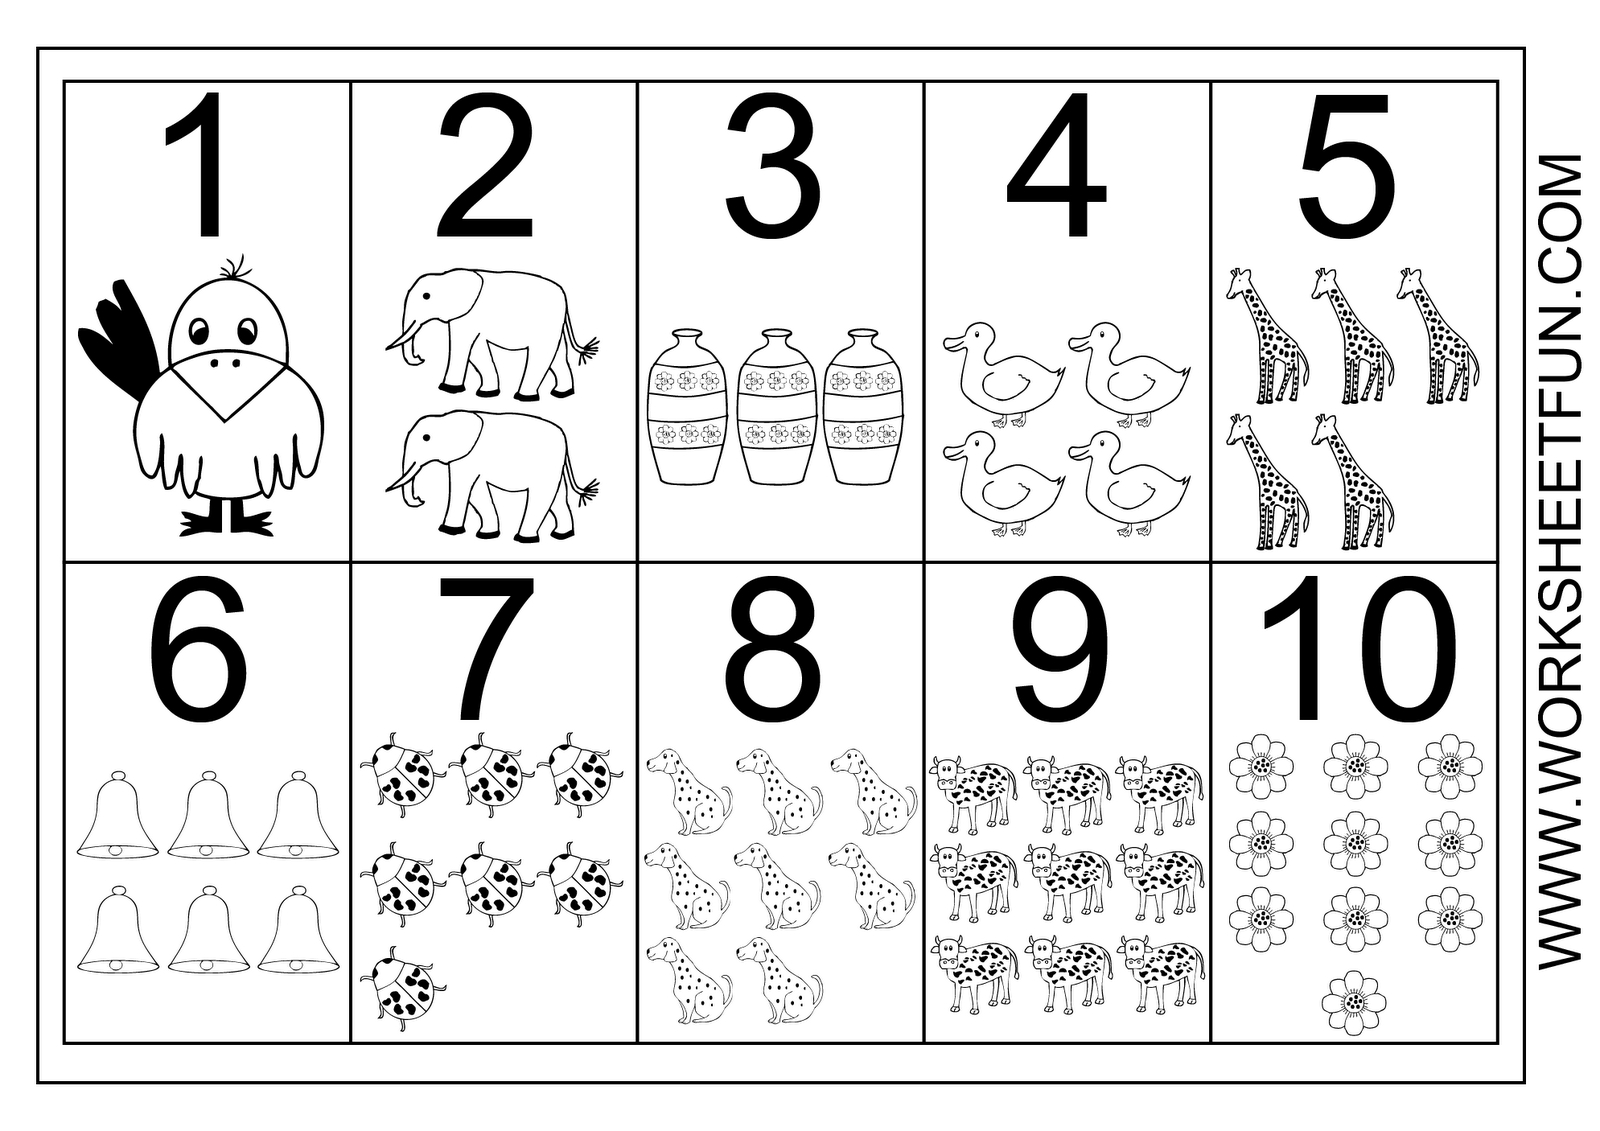 1-10 Worksheets | Numbers 1 10 Printable Worksheet | Teacher - Free Printable Number Chart 1 10